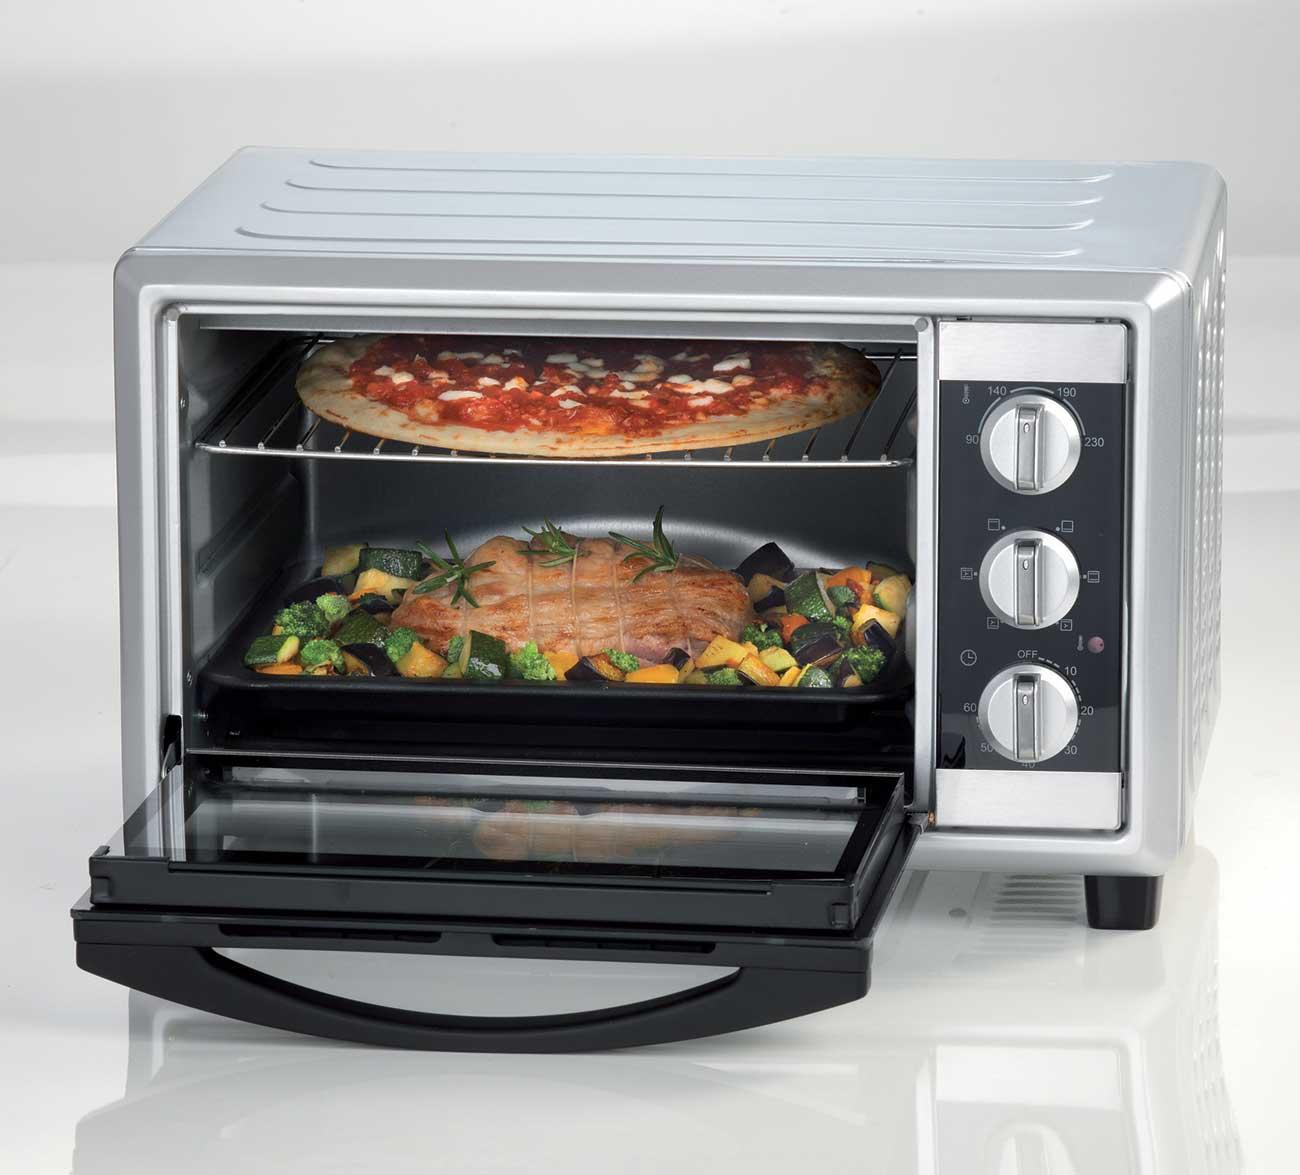 Bon cuisine 300 ariete piccoli elettrodomestici for Ariete bon cuisine 250